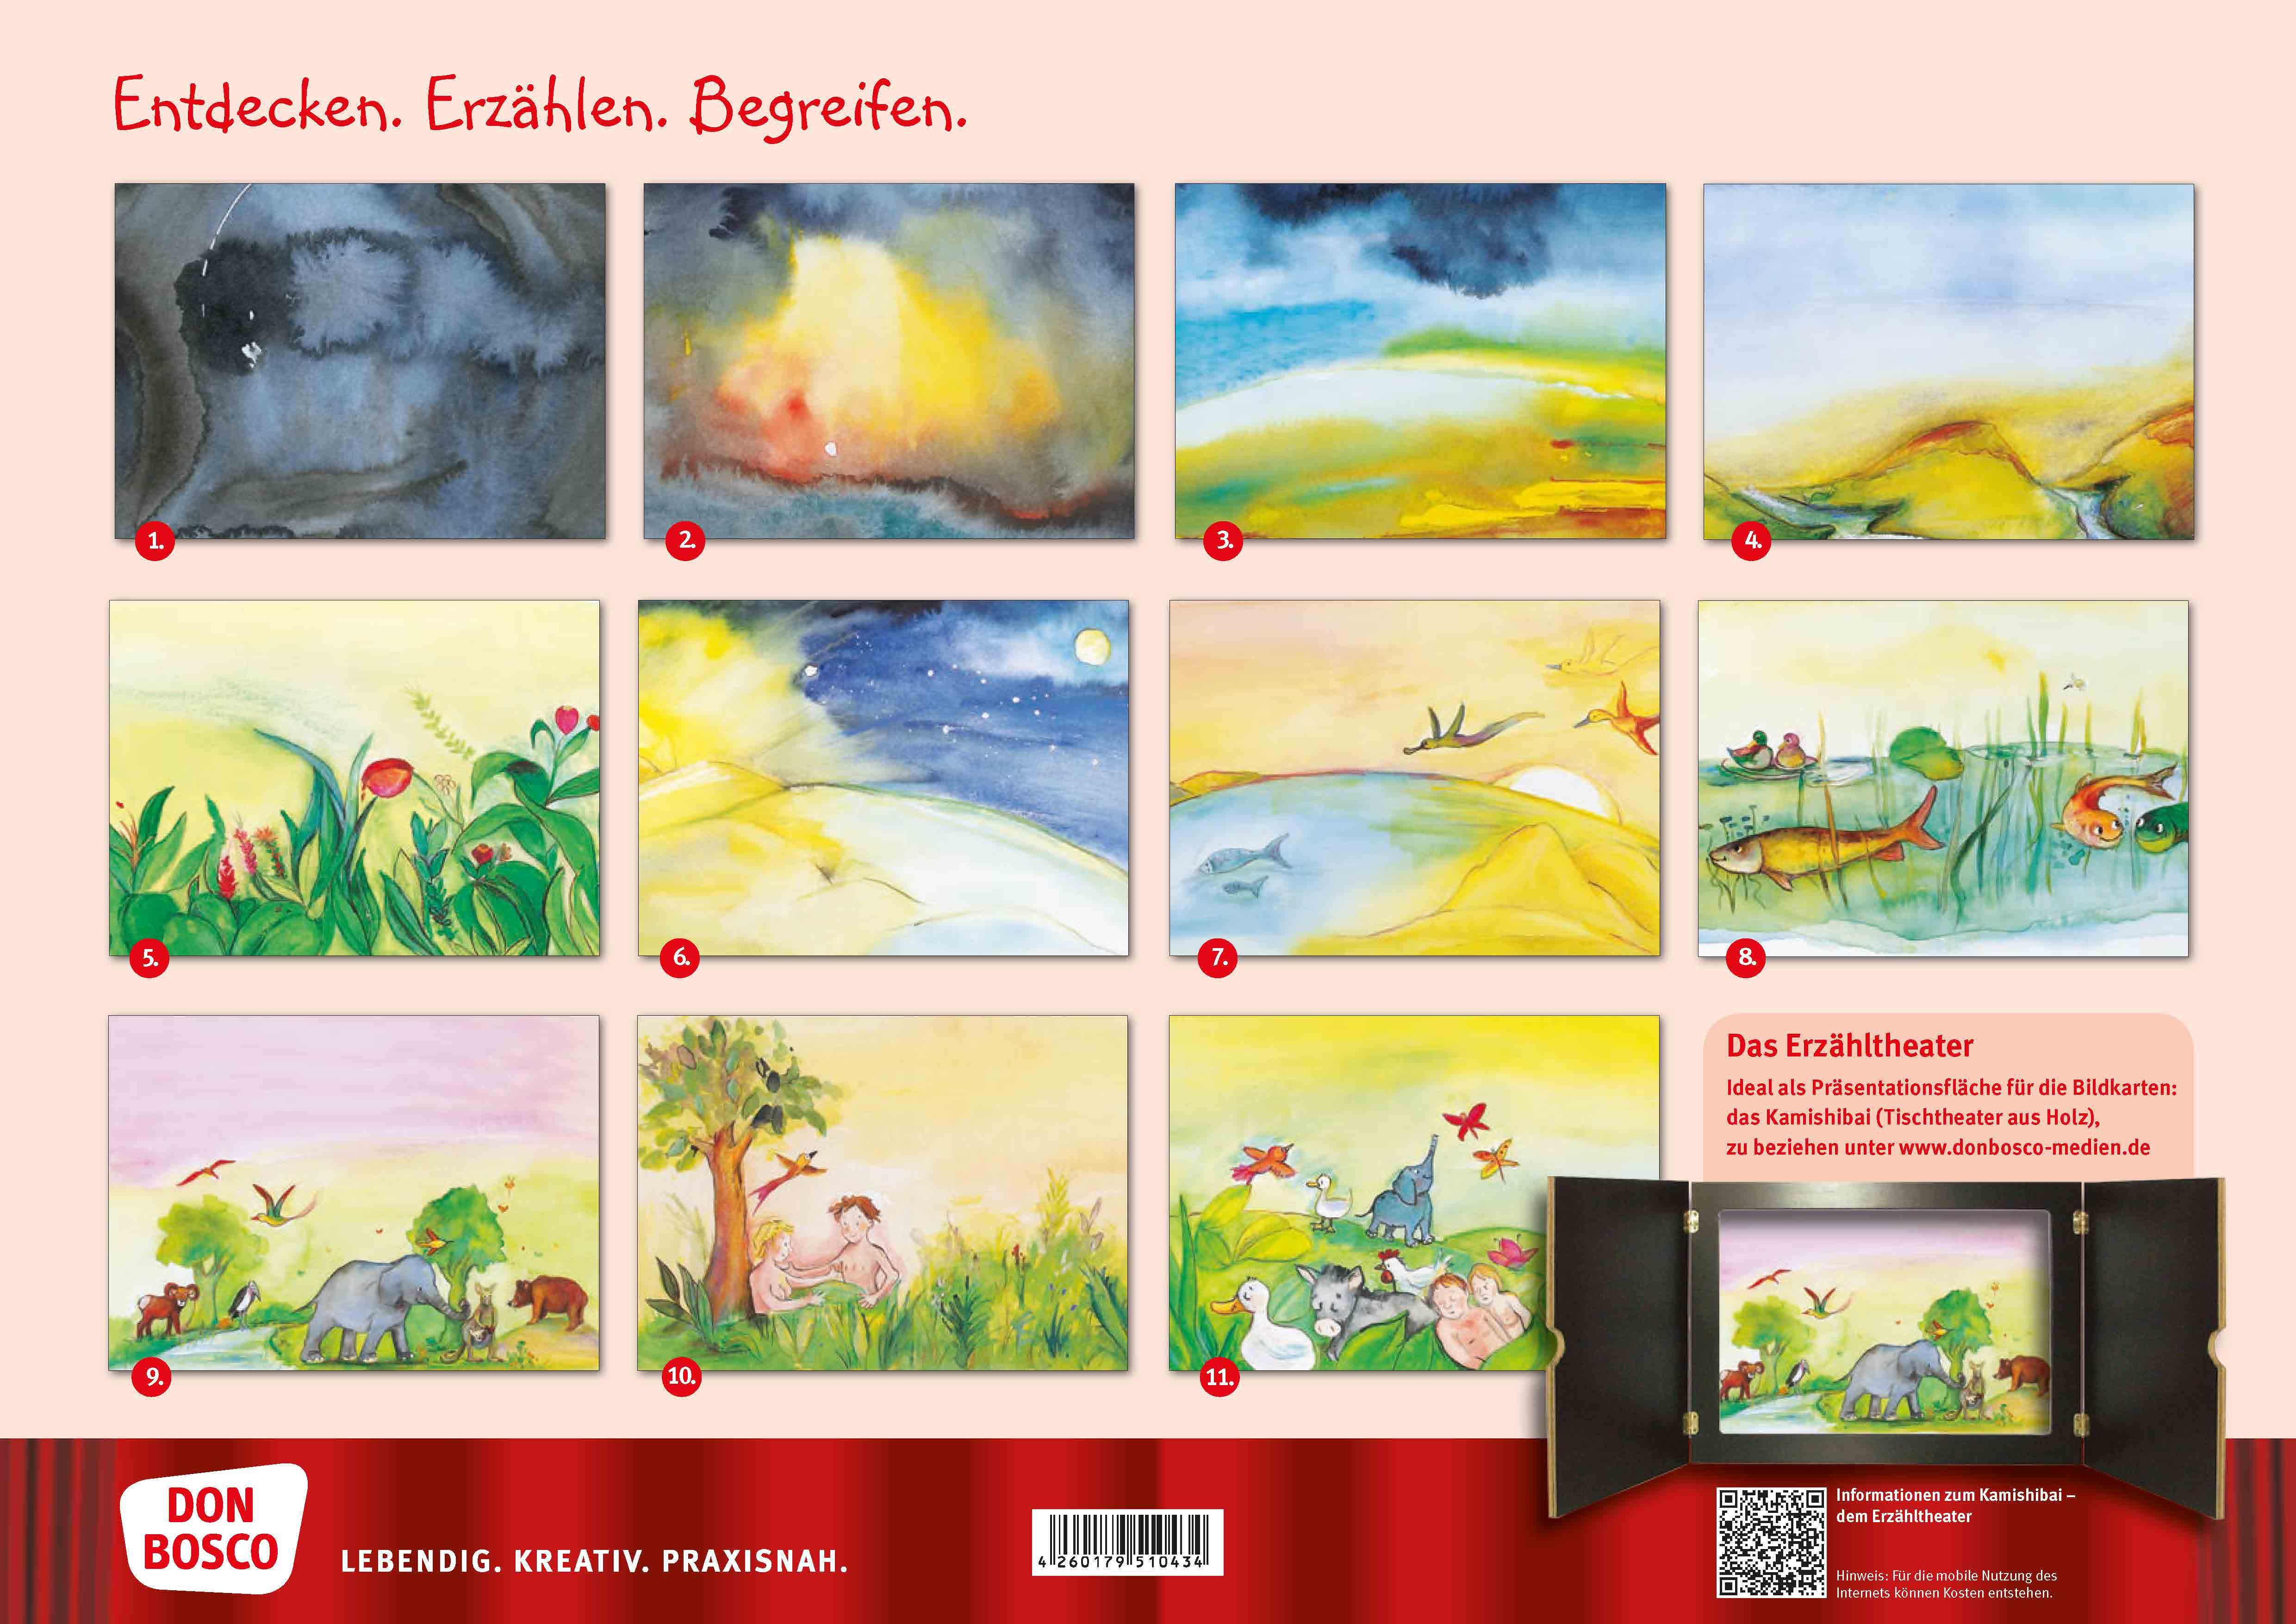 Innenansicht zu Die Schöpfungsgeschichte. Wie Himmel und Erde entstanden. Kamishibai Bildkartenset.